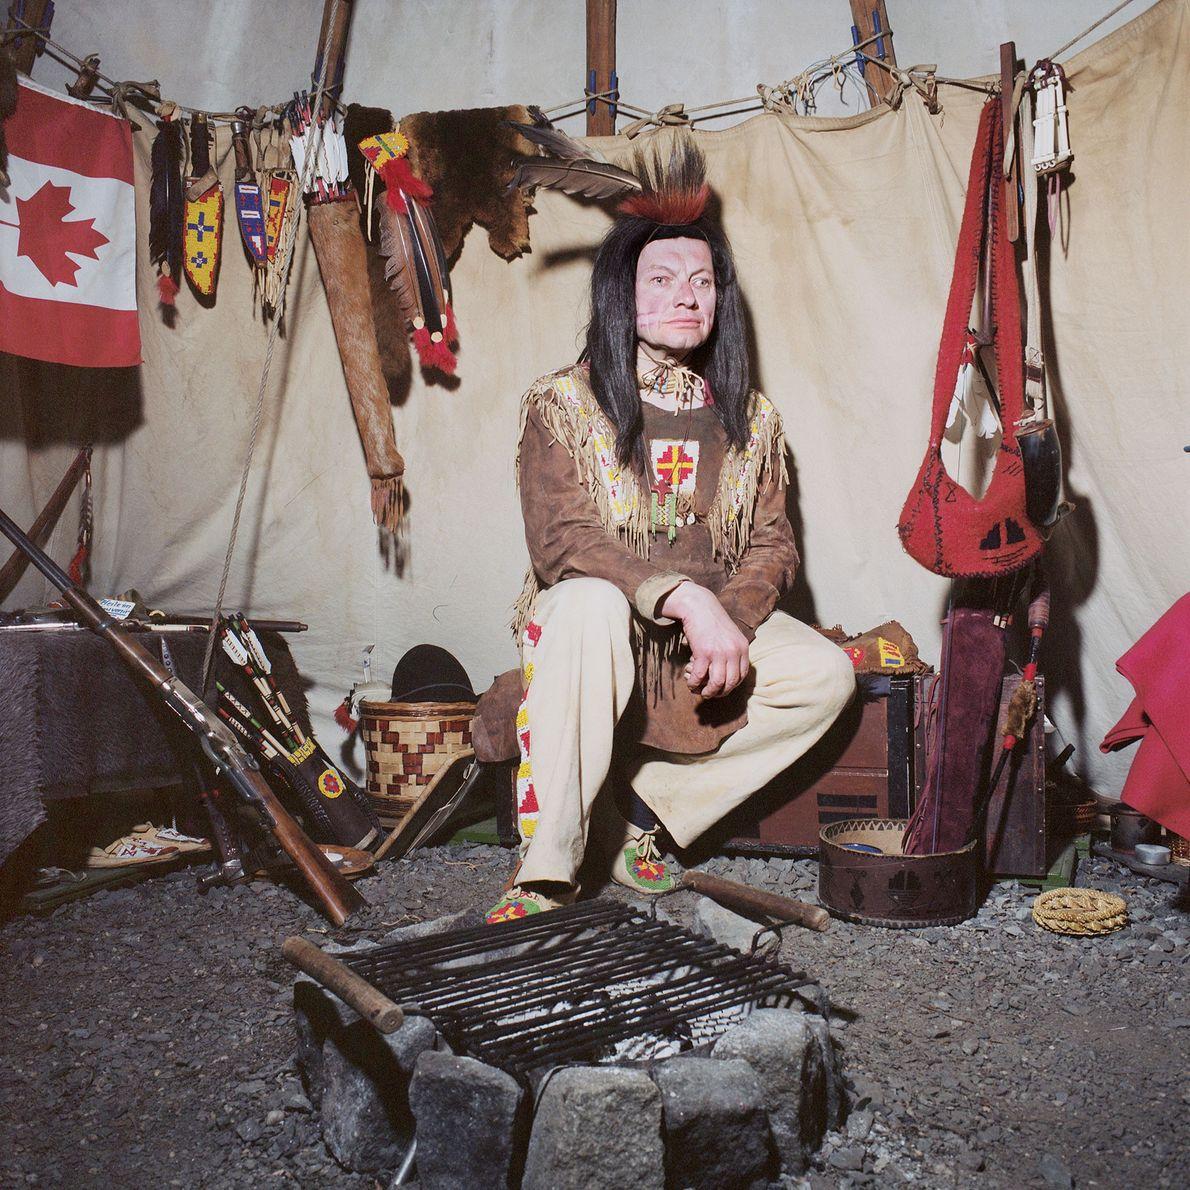 Als amerikanischer Ureinwohner verkleideter Mensch